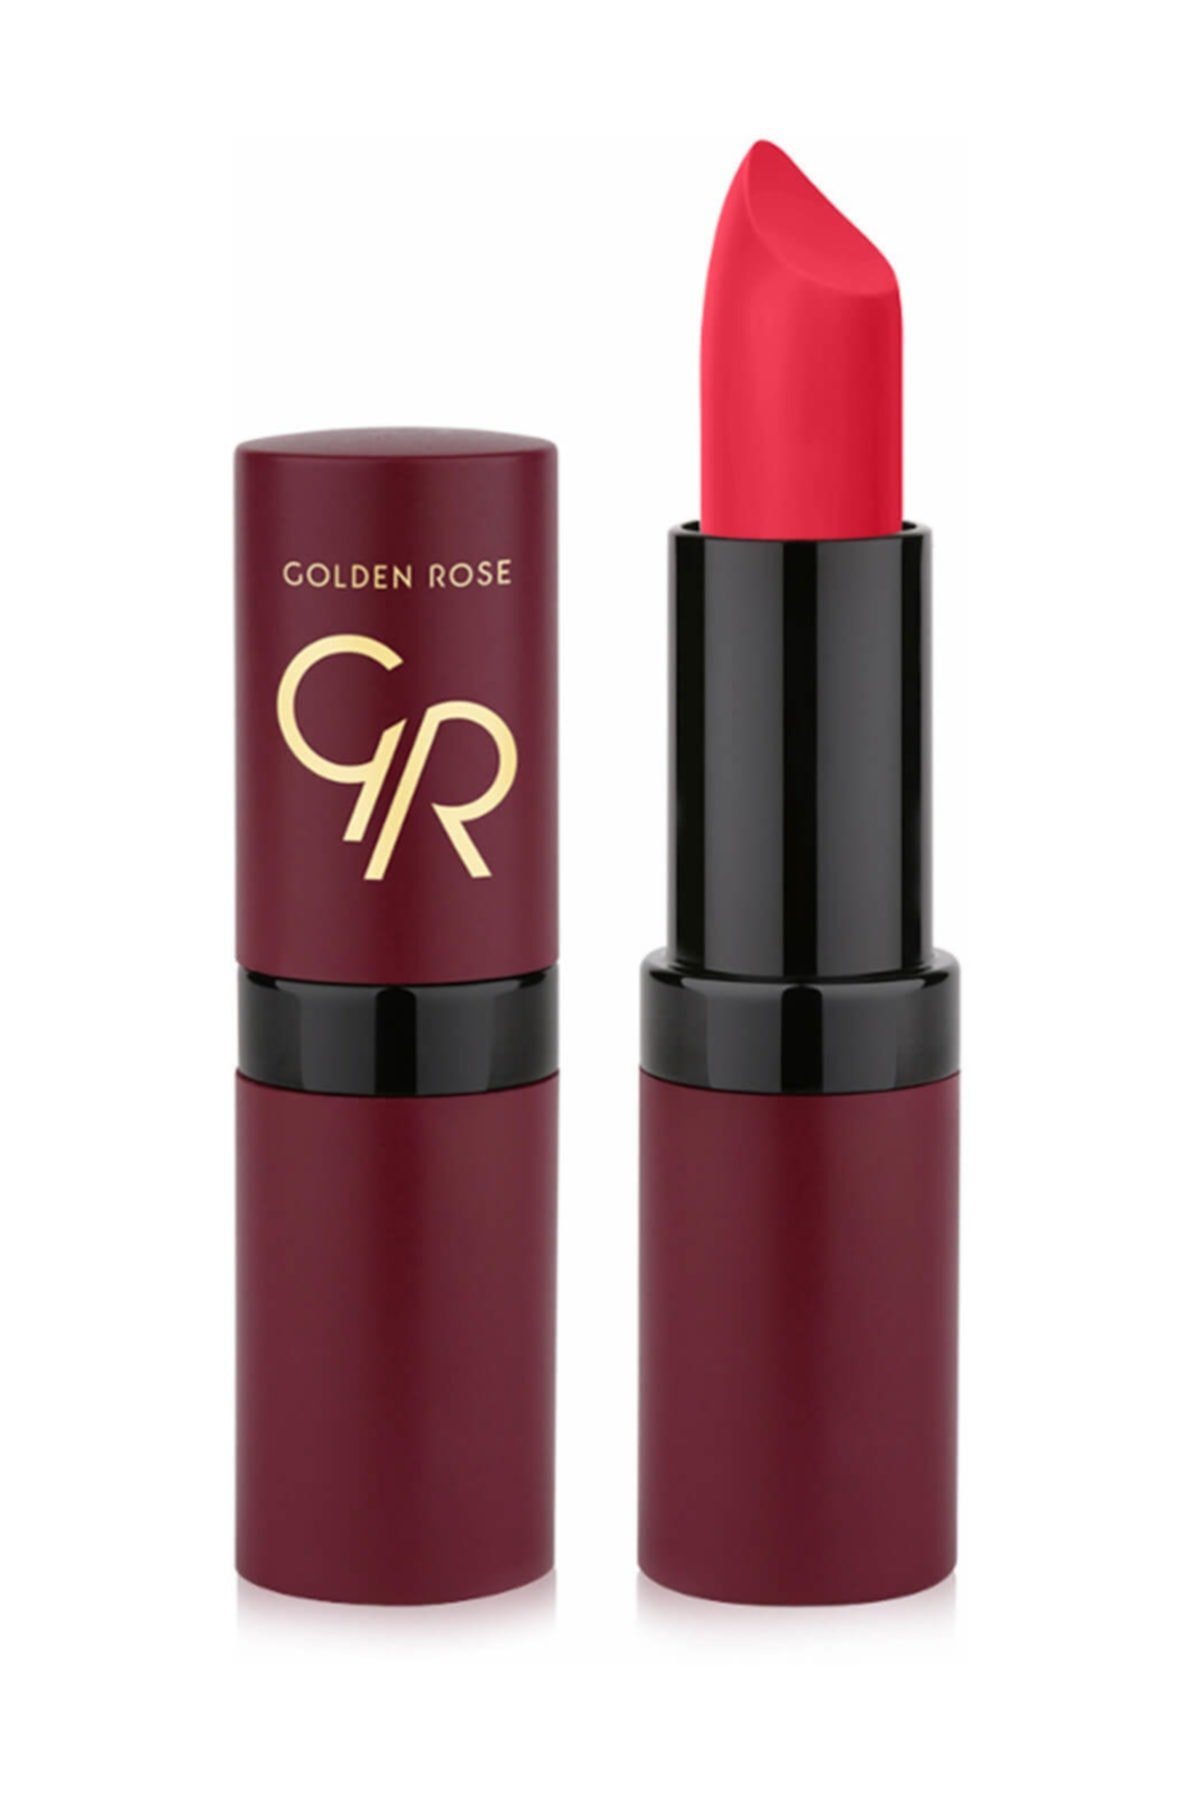 Golden Rose Mat Ruj - Velvet Matte Lipstick No: 06 8691190466060 1